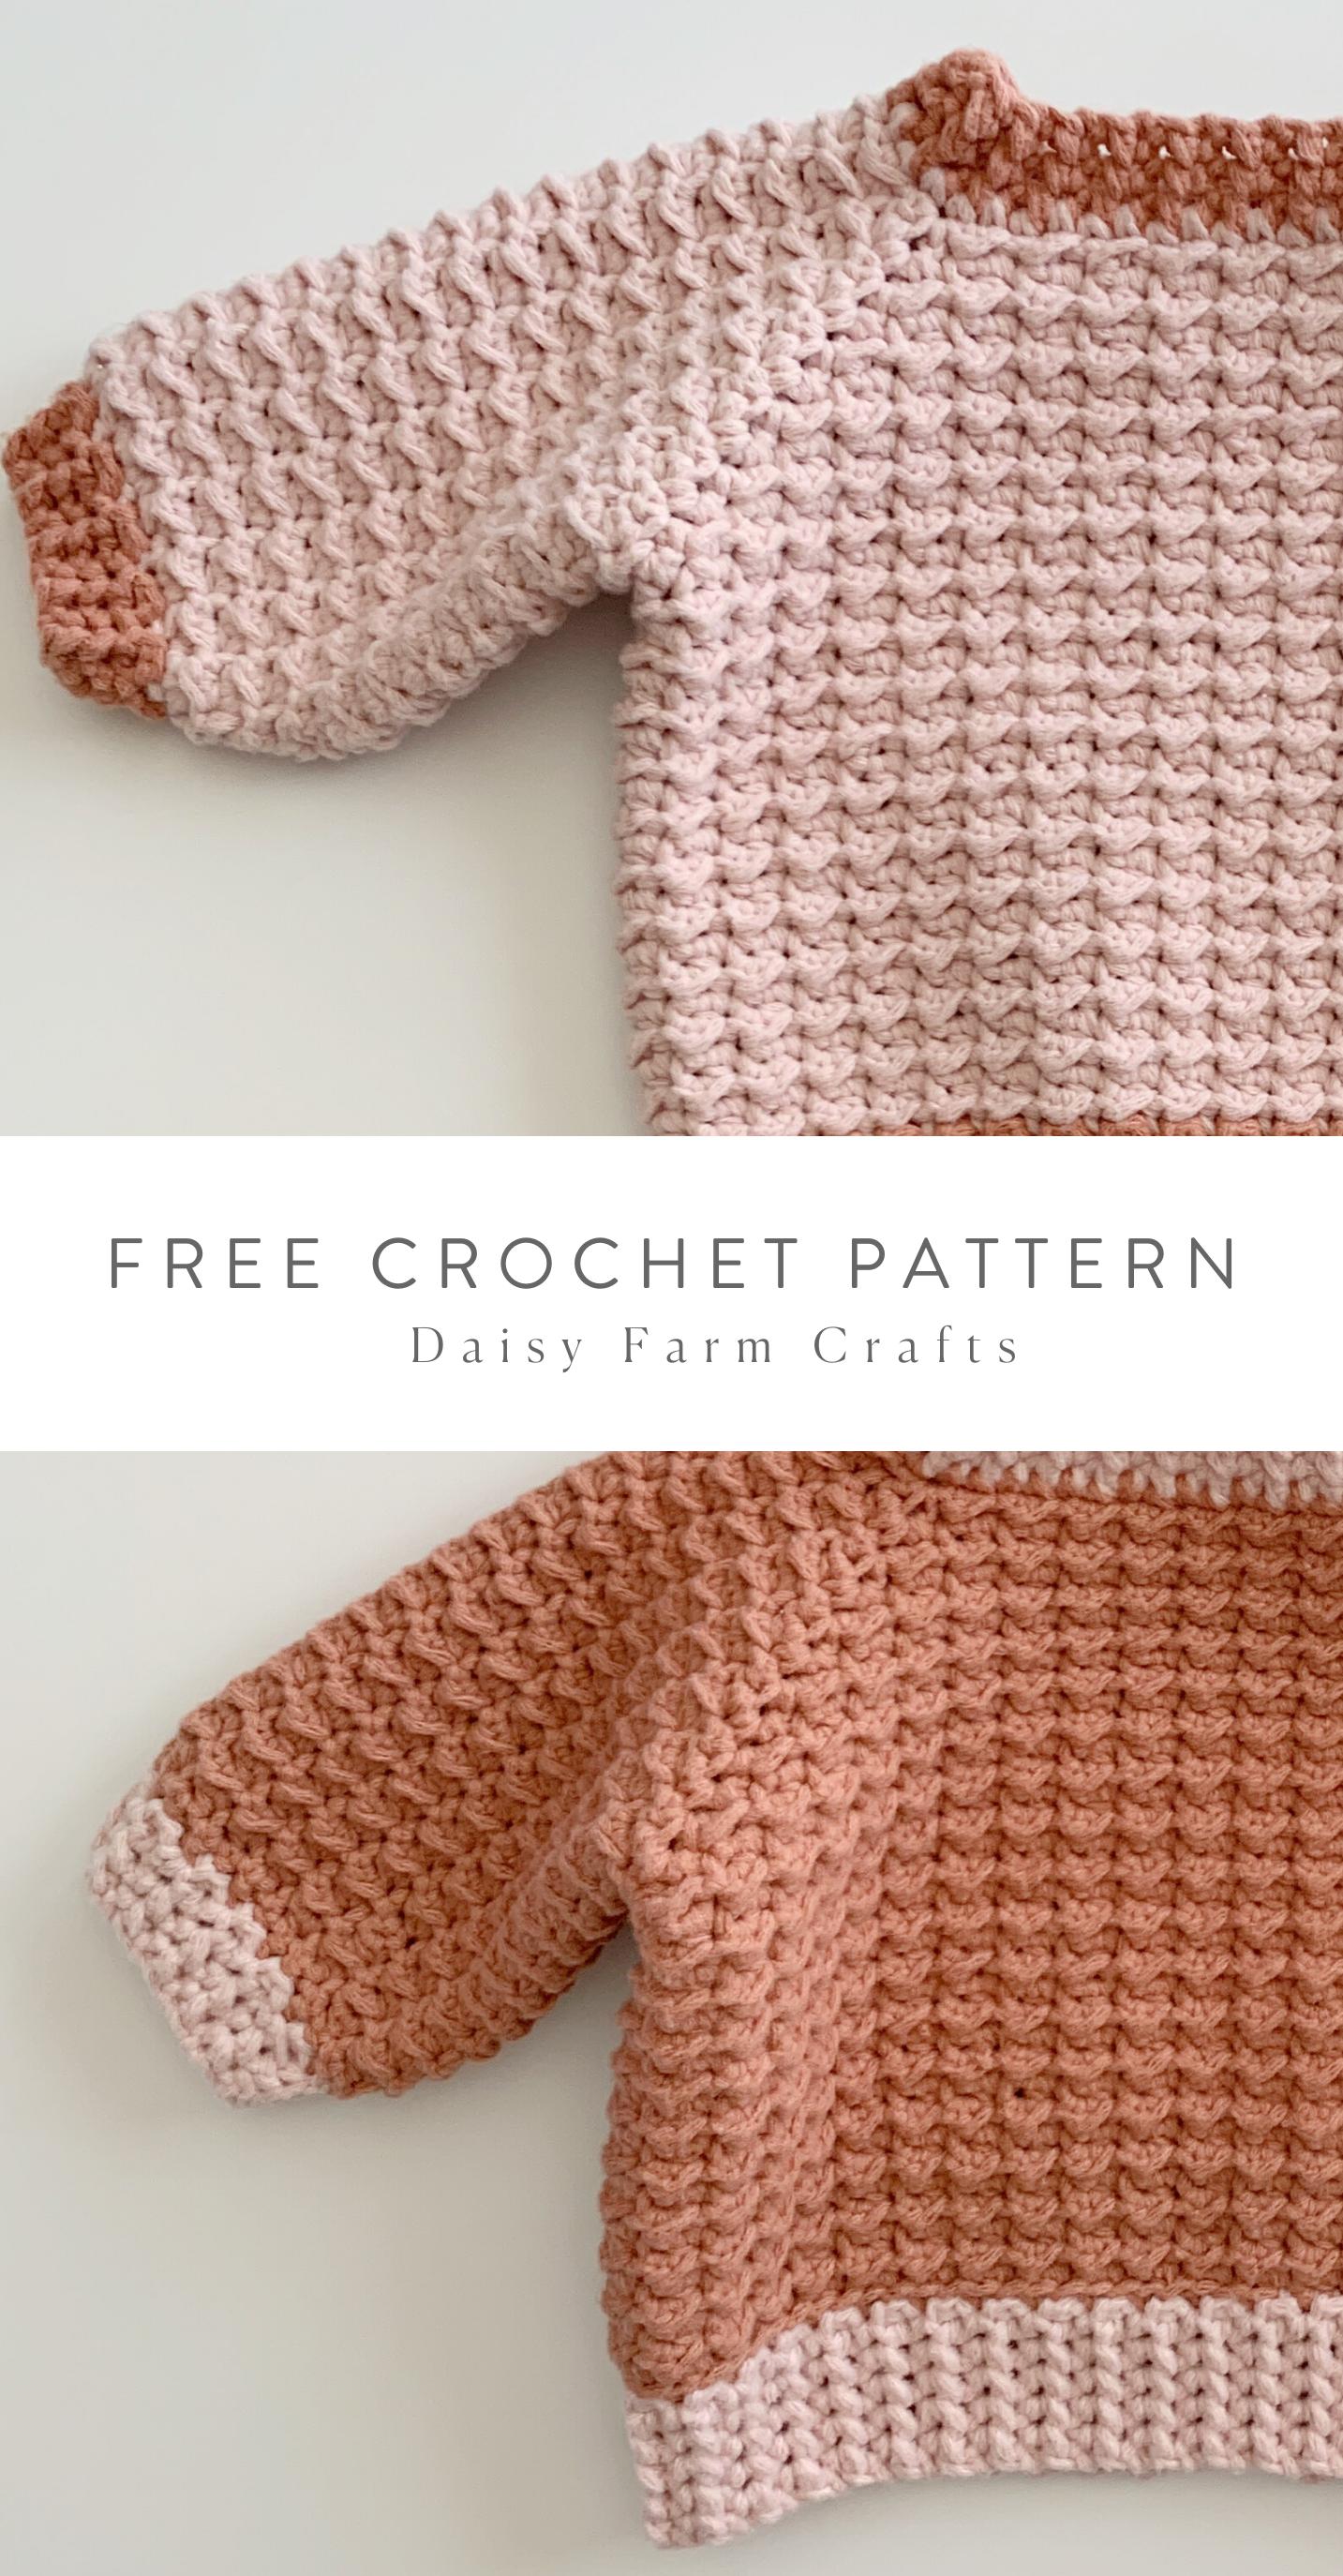 Free Pattern - Crochet Even Moss Baby Sweater